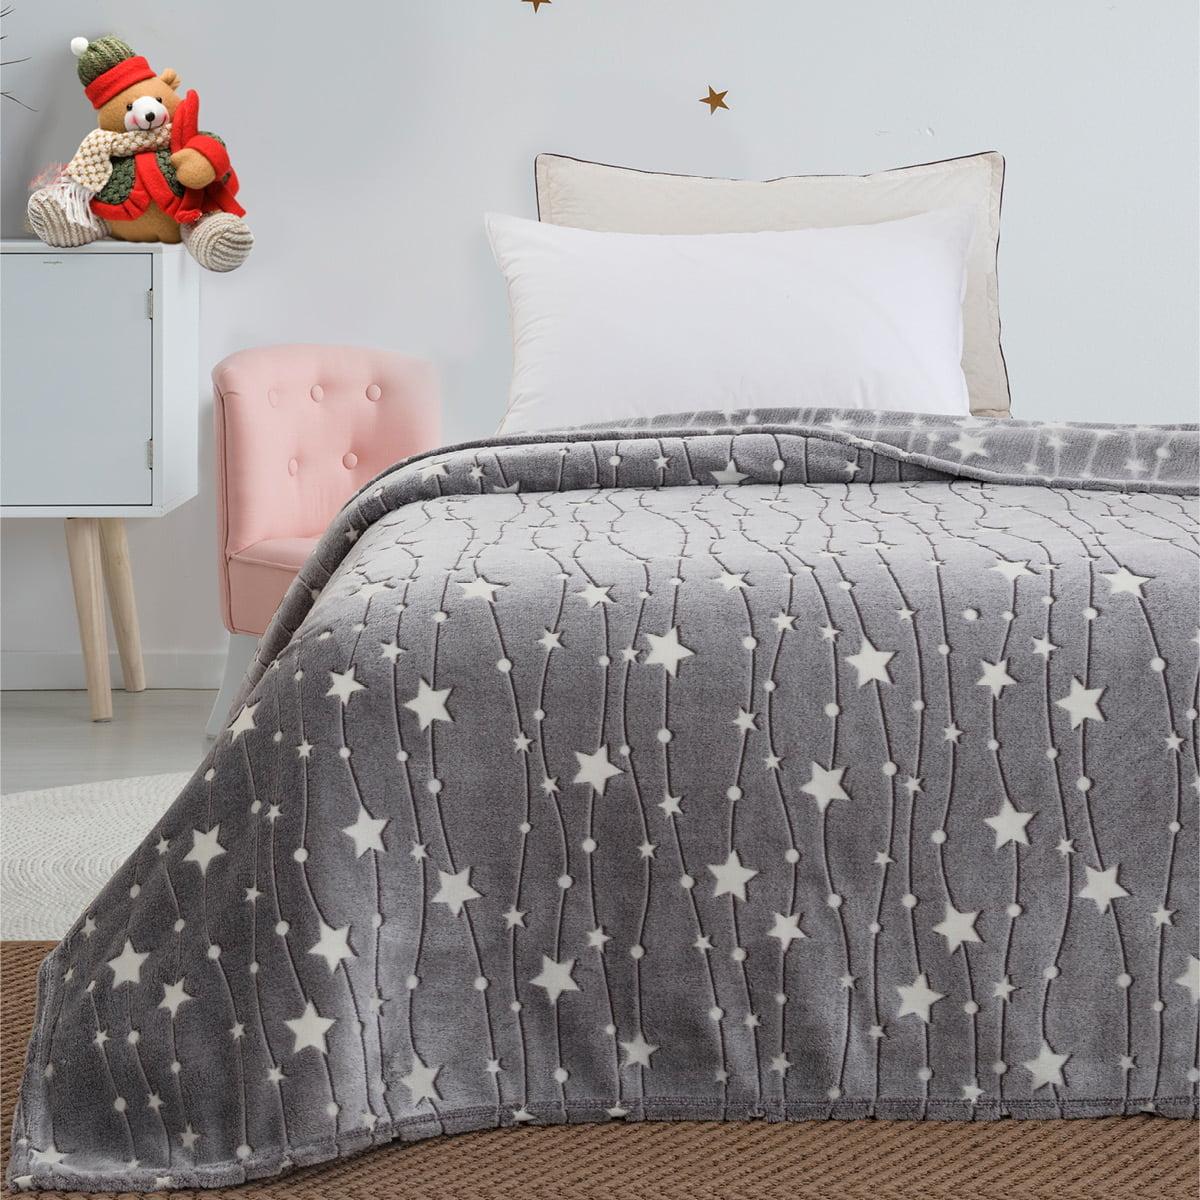 Κουβέρτα μονή φωσφορίζουσα Art 6136  160x220 Γκρι Beauty Home